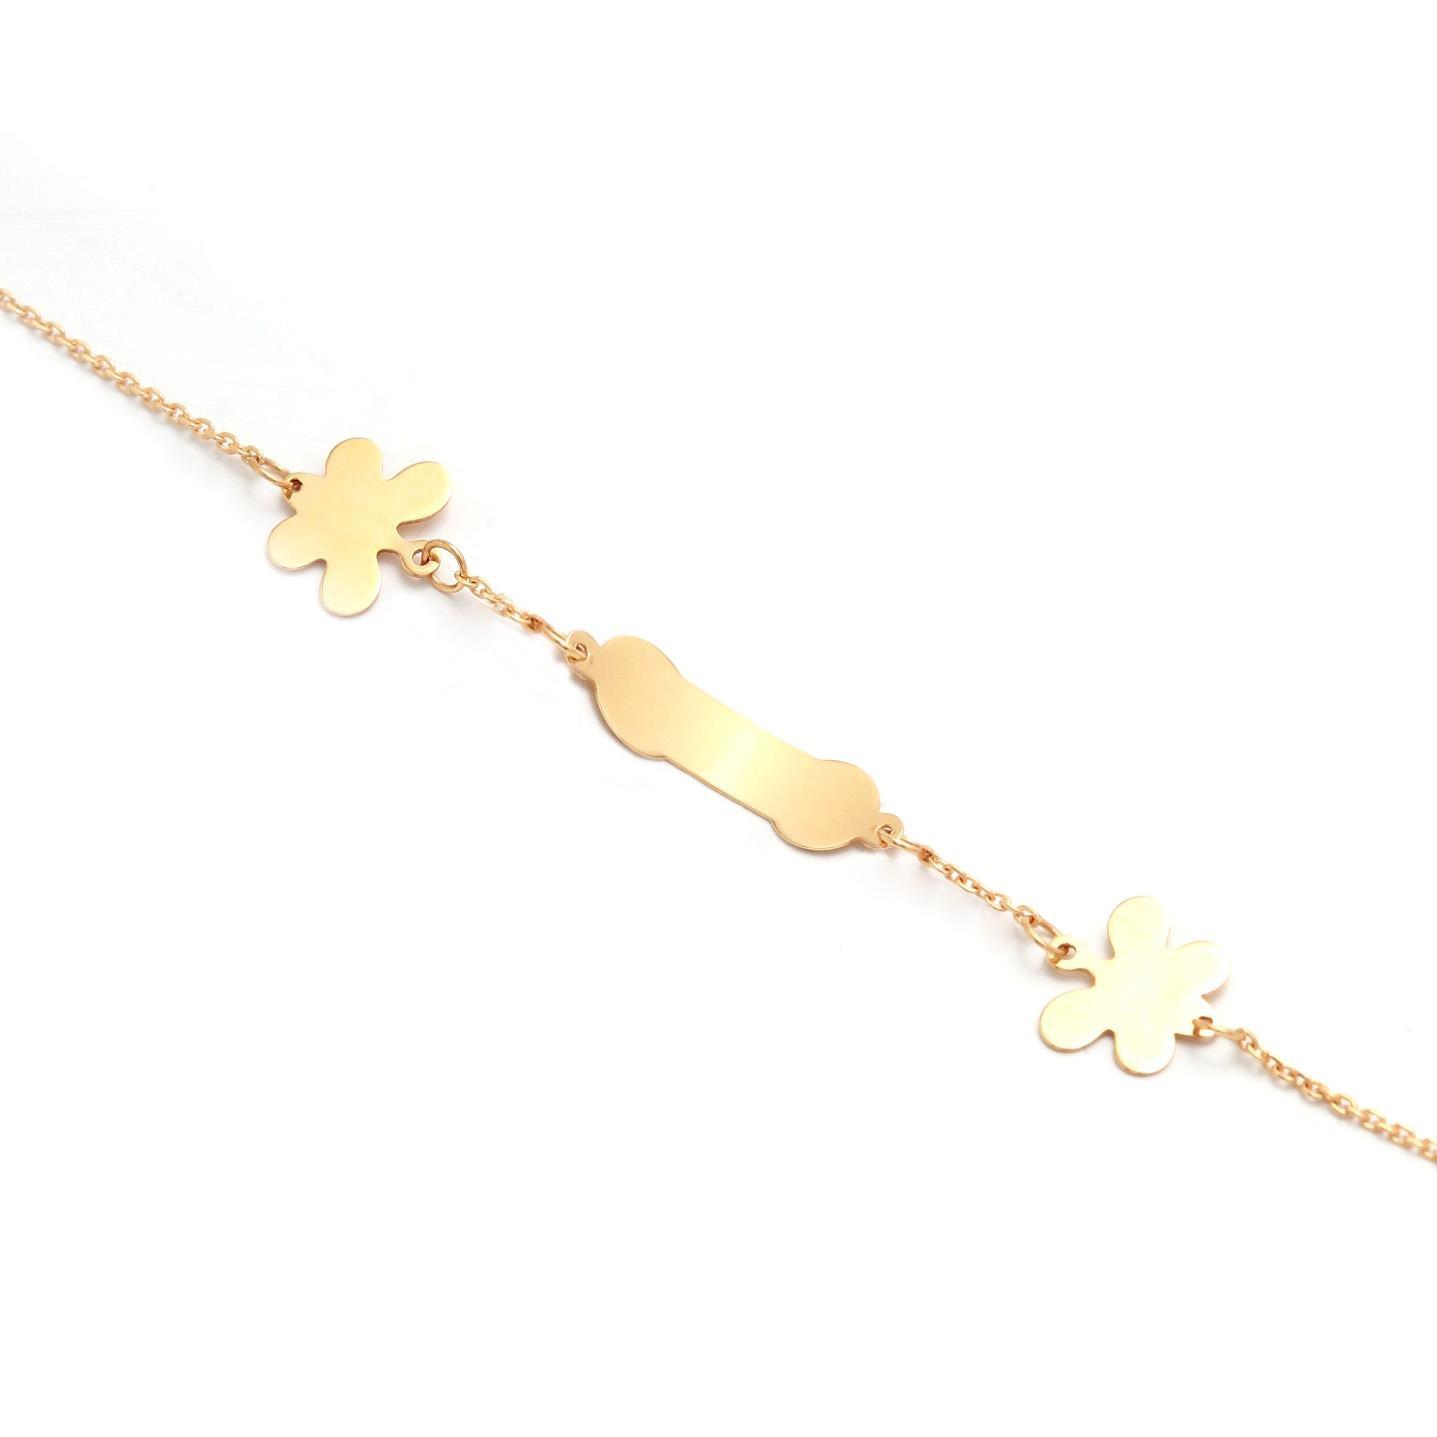 Zlatý dievčenský náramok s motýlikmi 5MZ00060